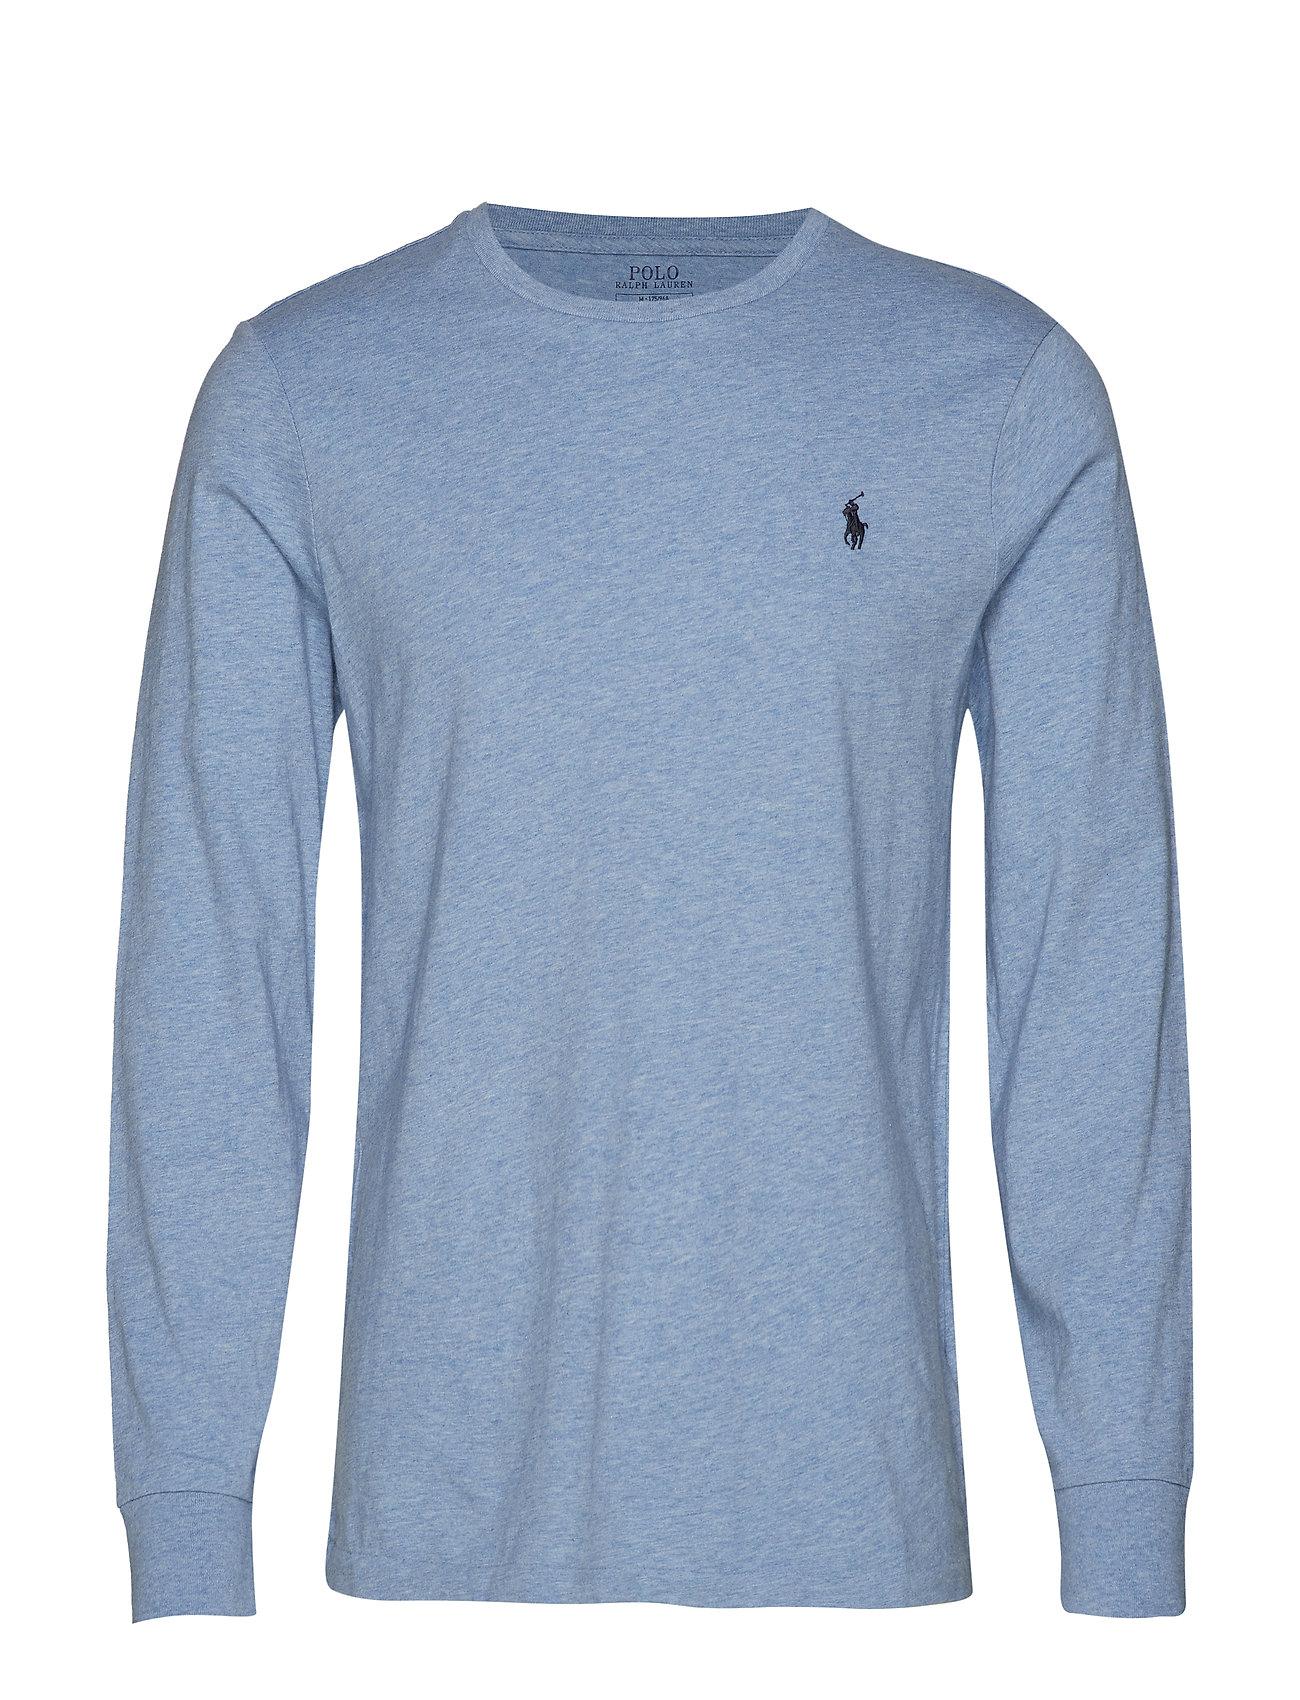 Long Sleeve-t-shirt (Jamaica Heather) (£59) - Polo Ralph Lauren ... 3b5e9a1d9836